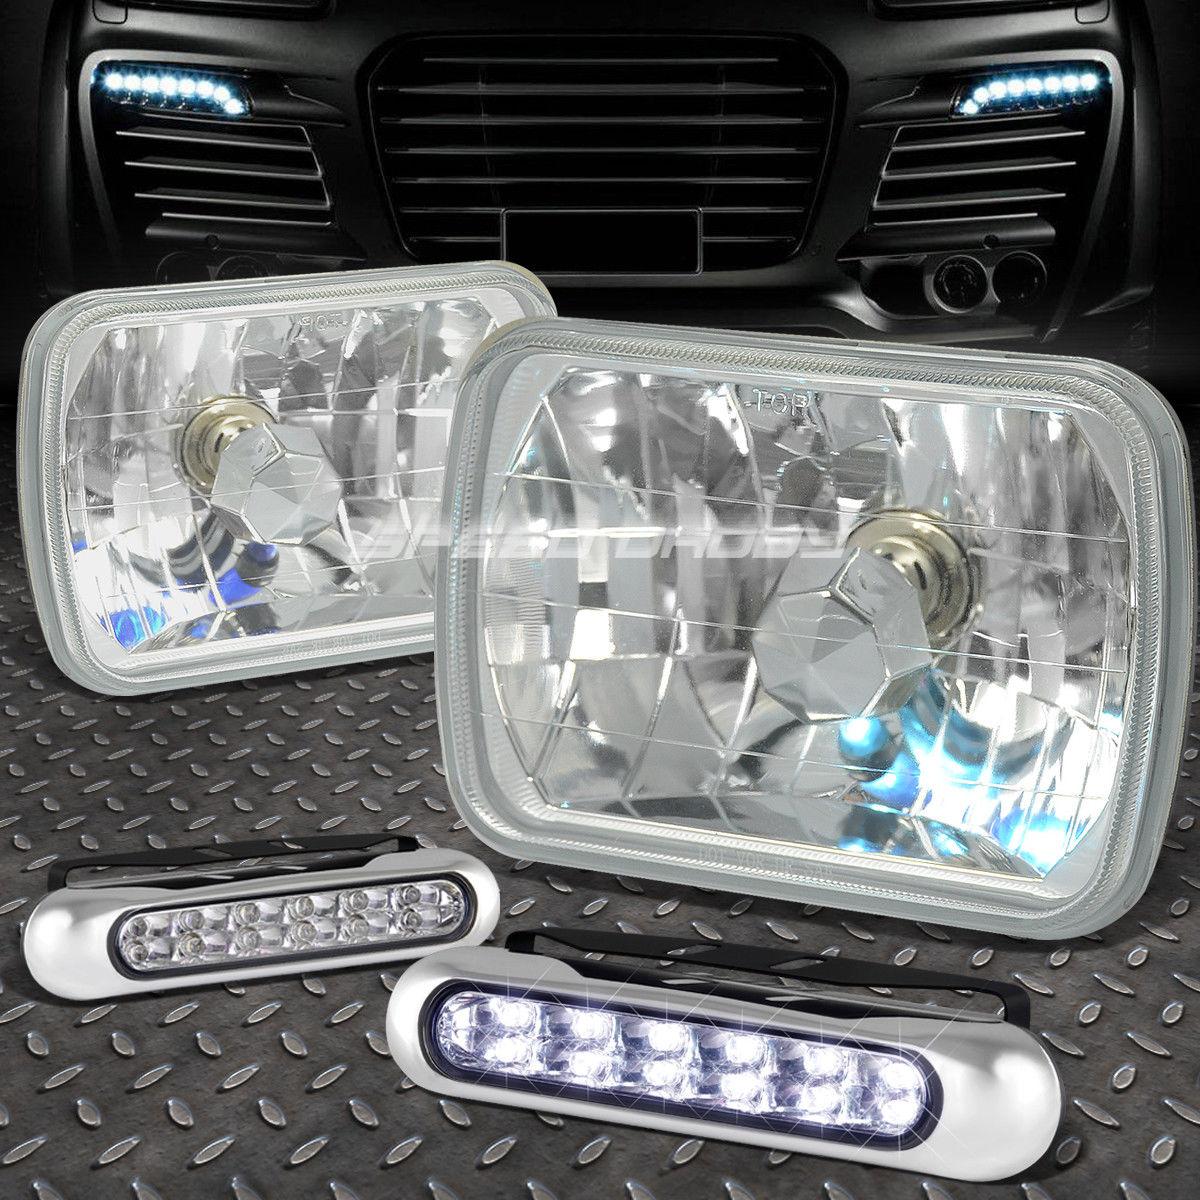 フォグライト SQUARE CLEAR HOUSING HEADLIGHT+12 LED GRILL FOG LIGHT FOR 7